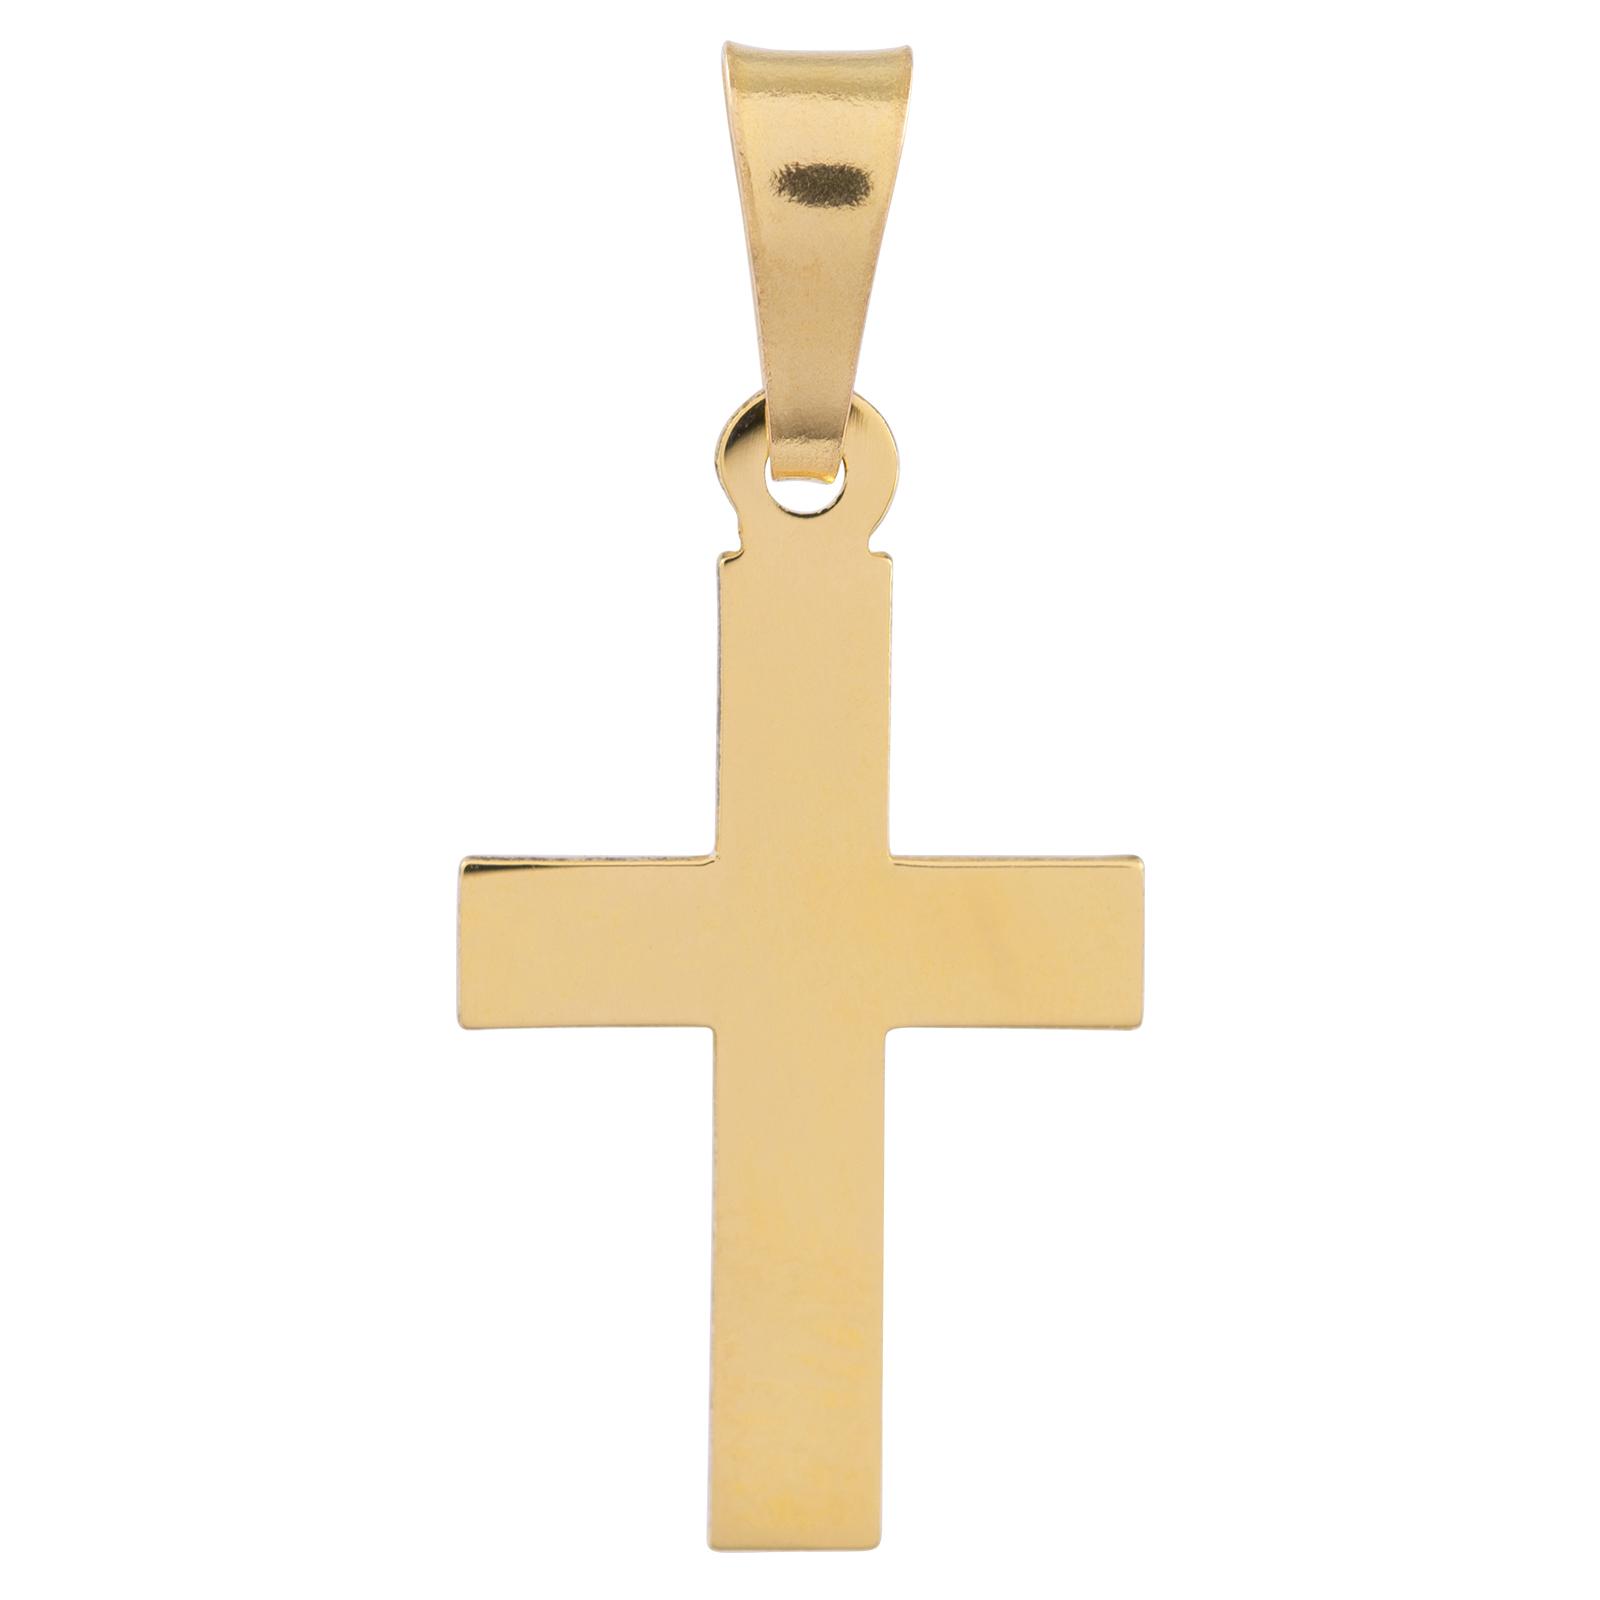 Berlock 18k guld - Kors